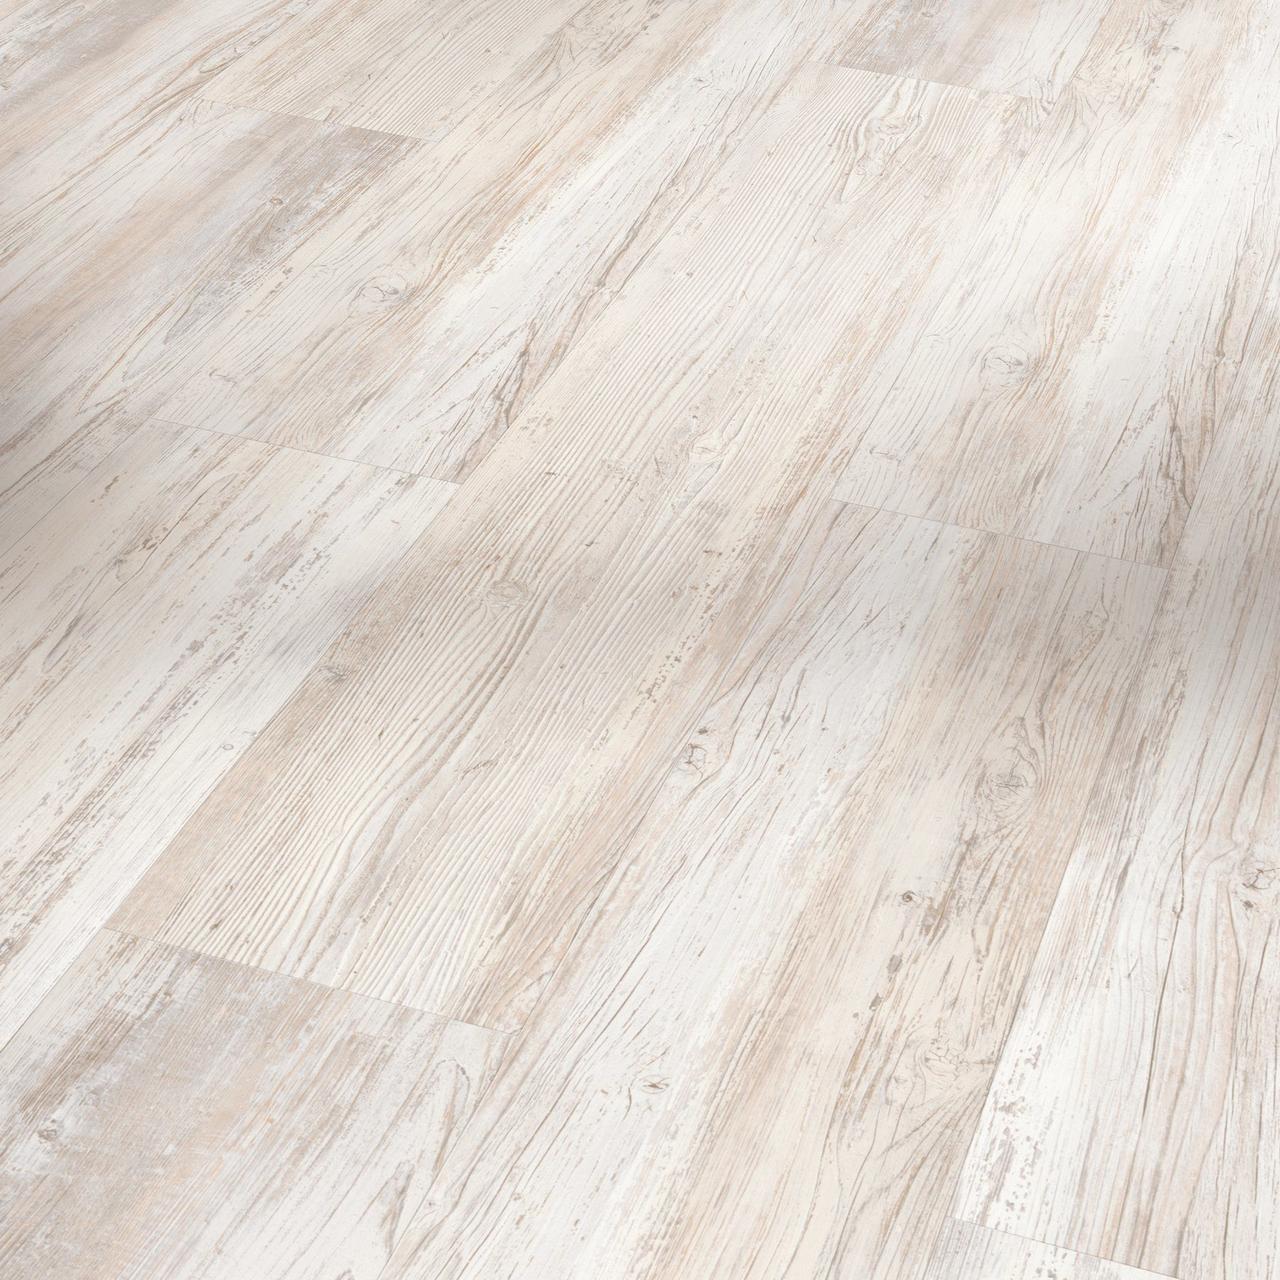 Виниловые покрытия Parador Пиния скандинавская белая браш (Pine scandinavian white)